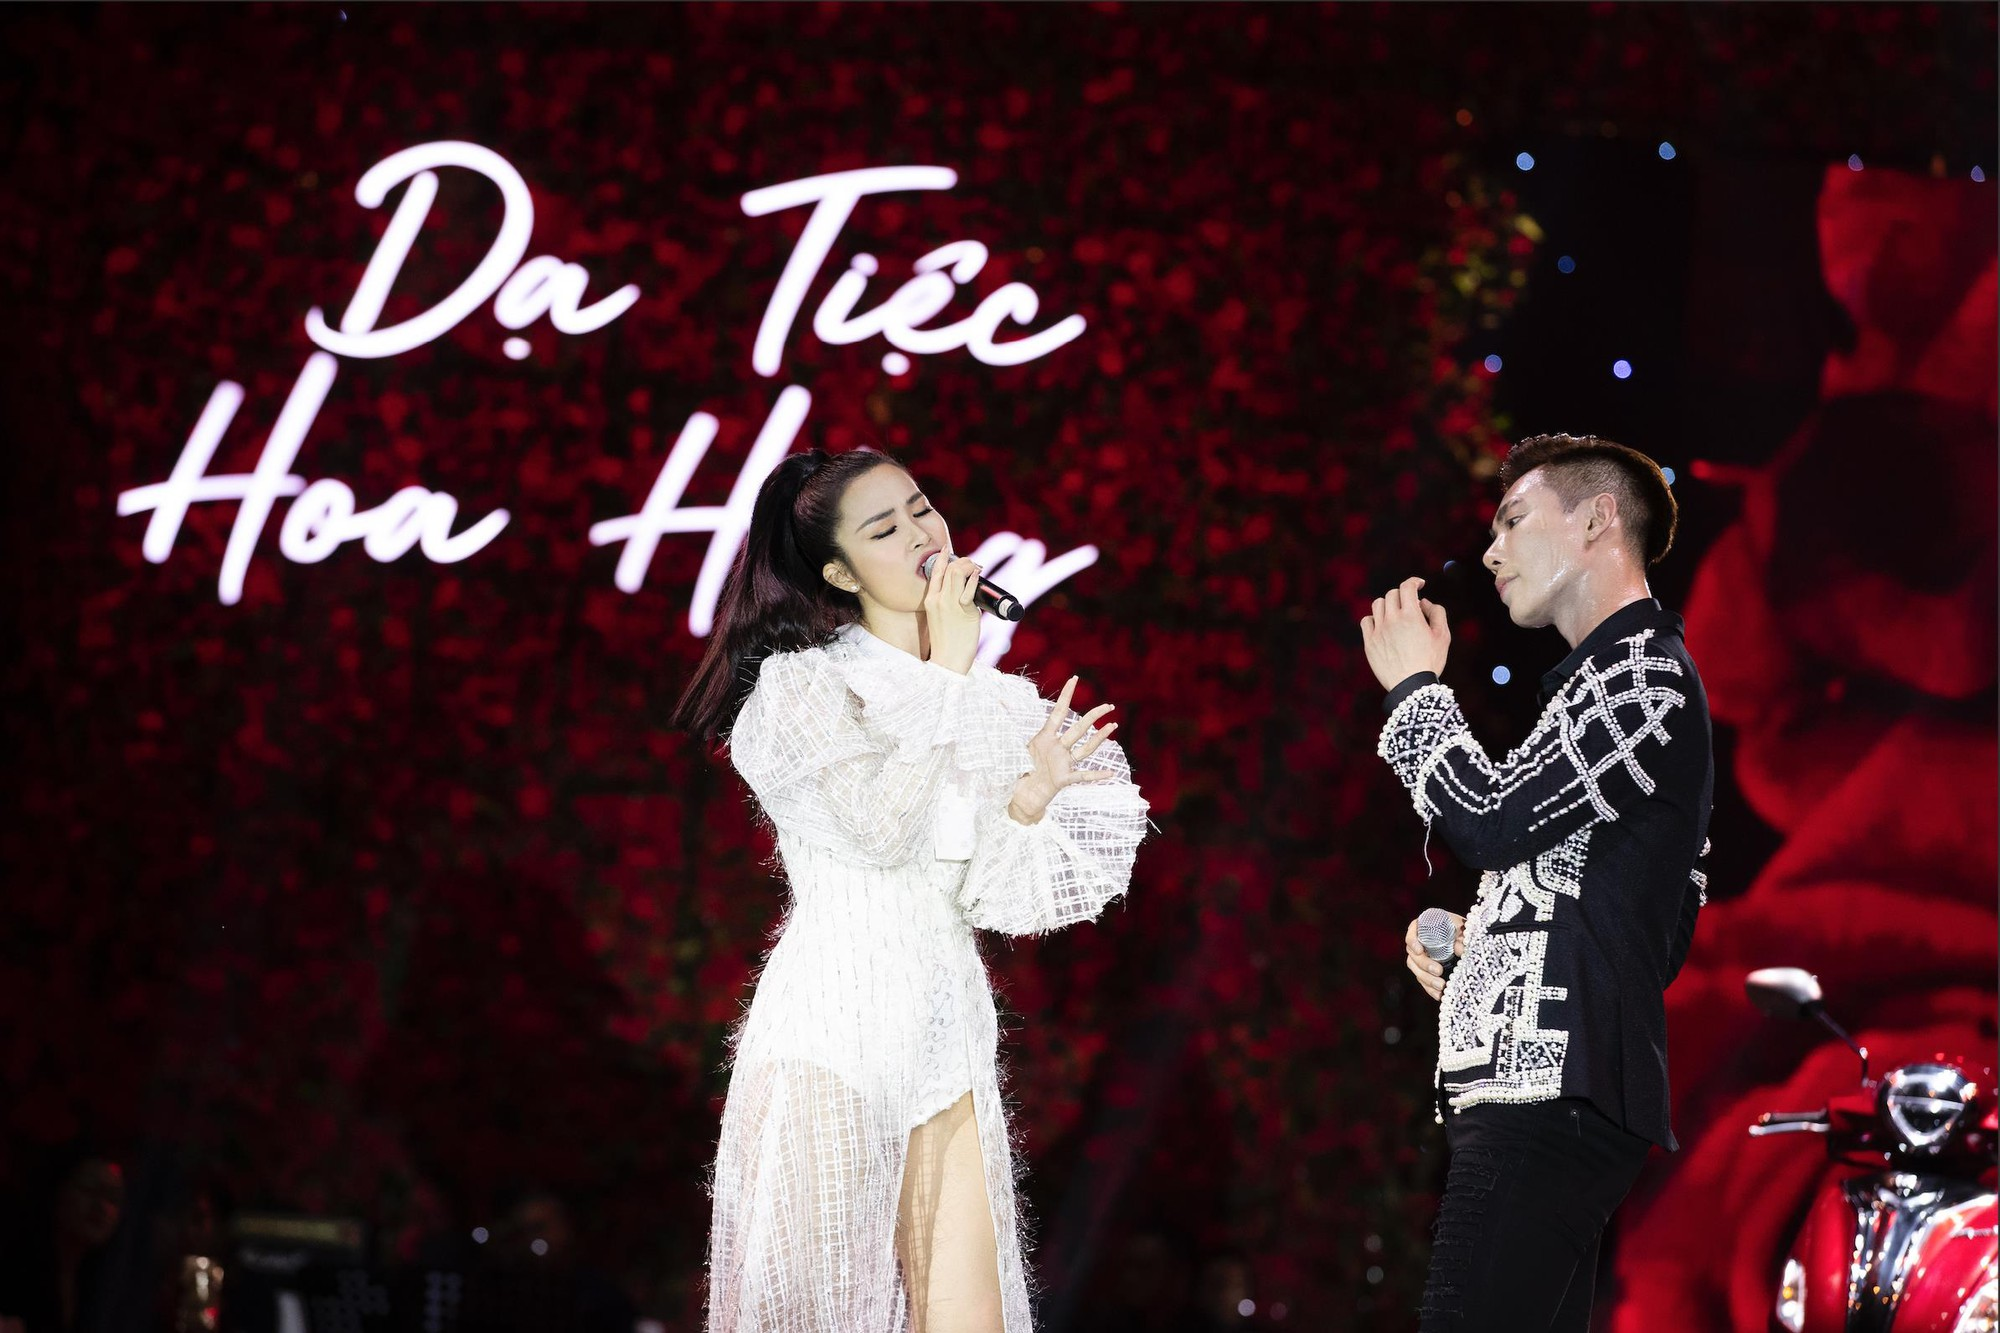 Ninh Dương Lan Ngọc cực kì quyến rũ check-in tại Dạ Tiệc Hoa Hồng sang chảnh - Ảnh 6.